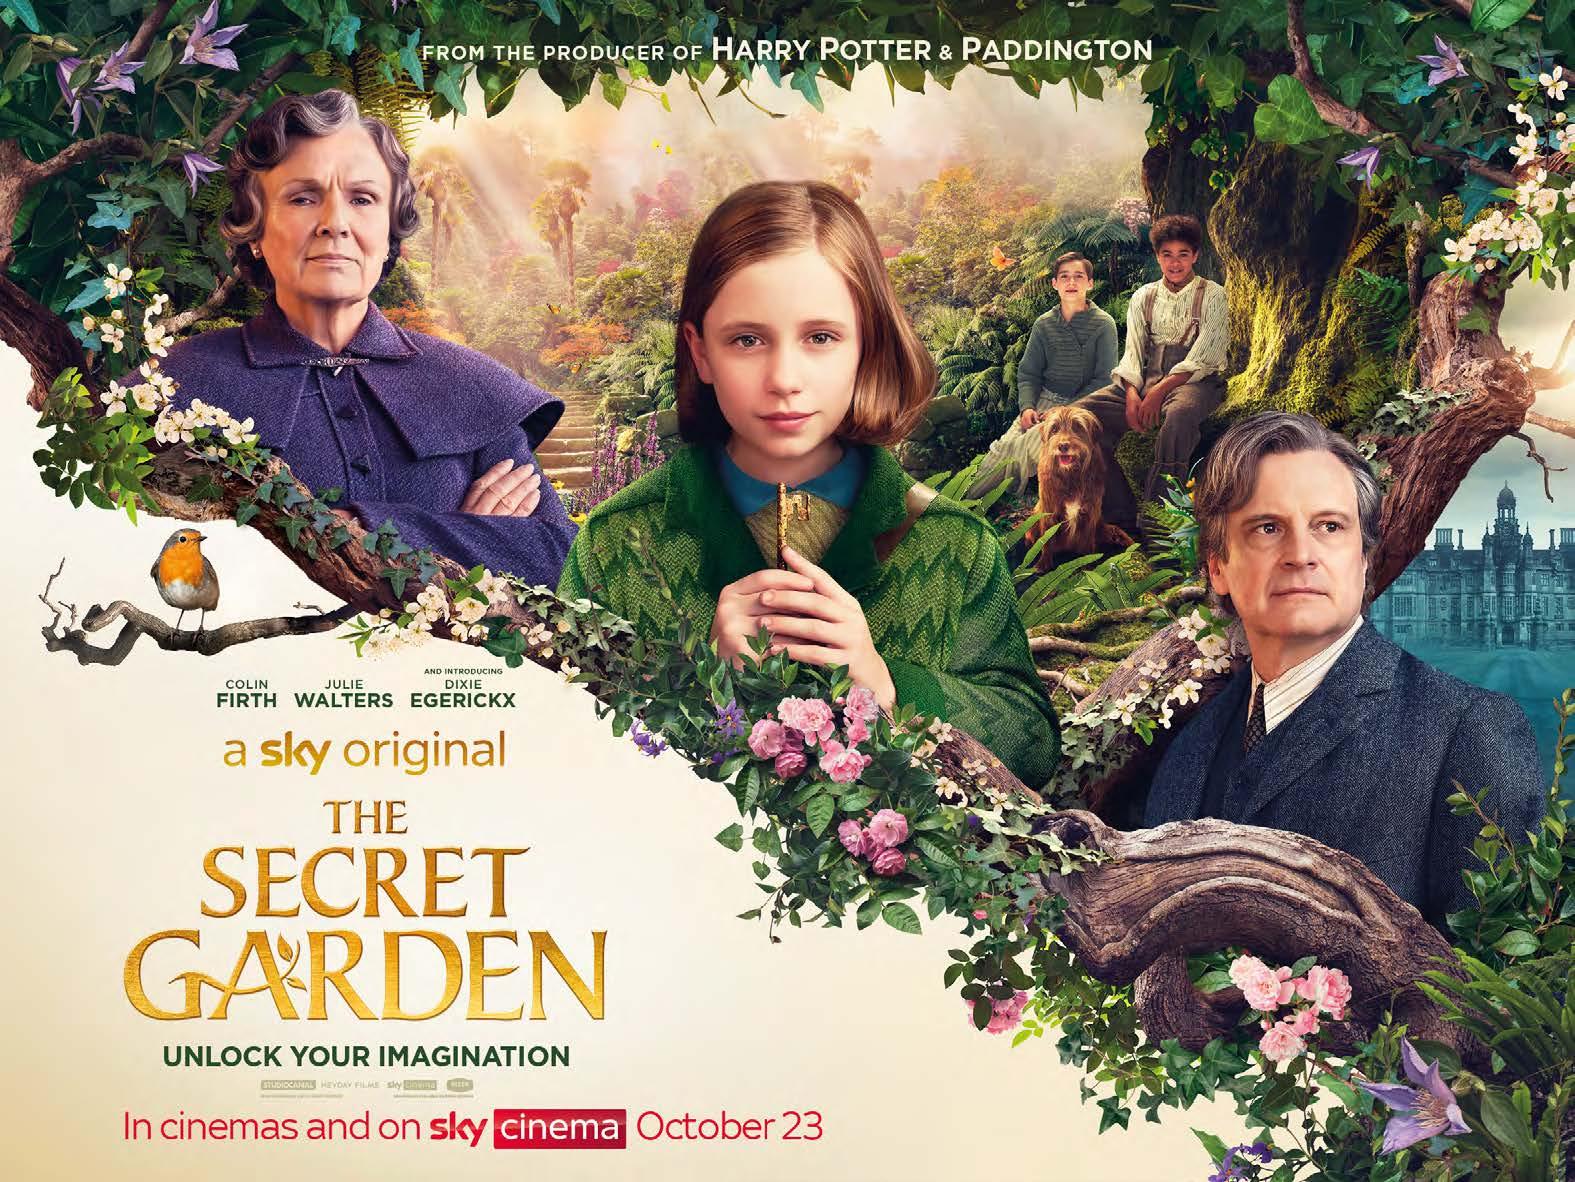 The Secret Garden Film Poster